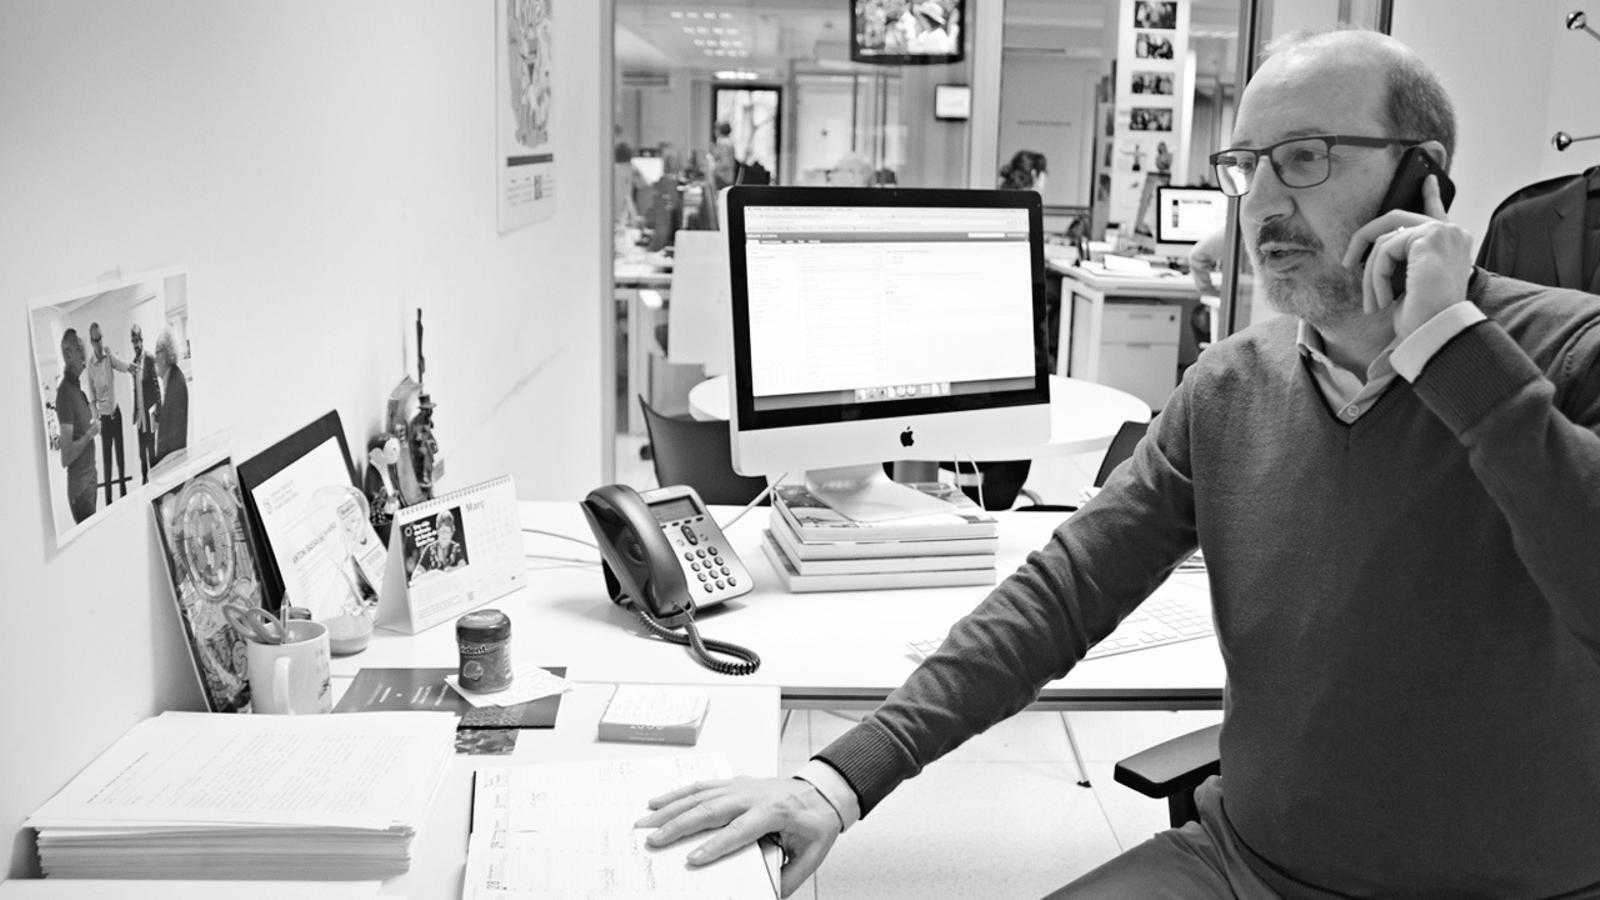 L'anàlisi d'Antoni Bassas: 'Parlar de venjança no sona guanyador'